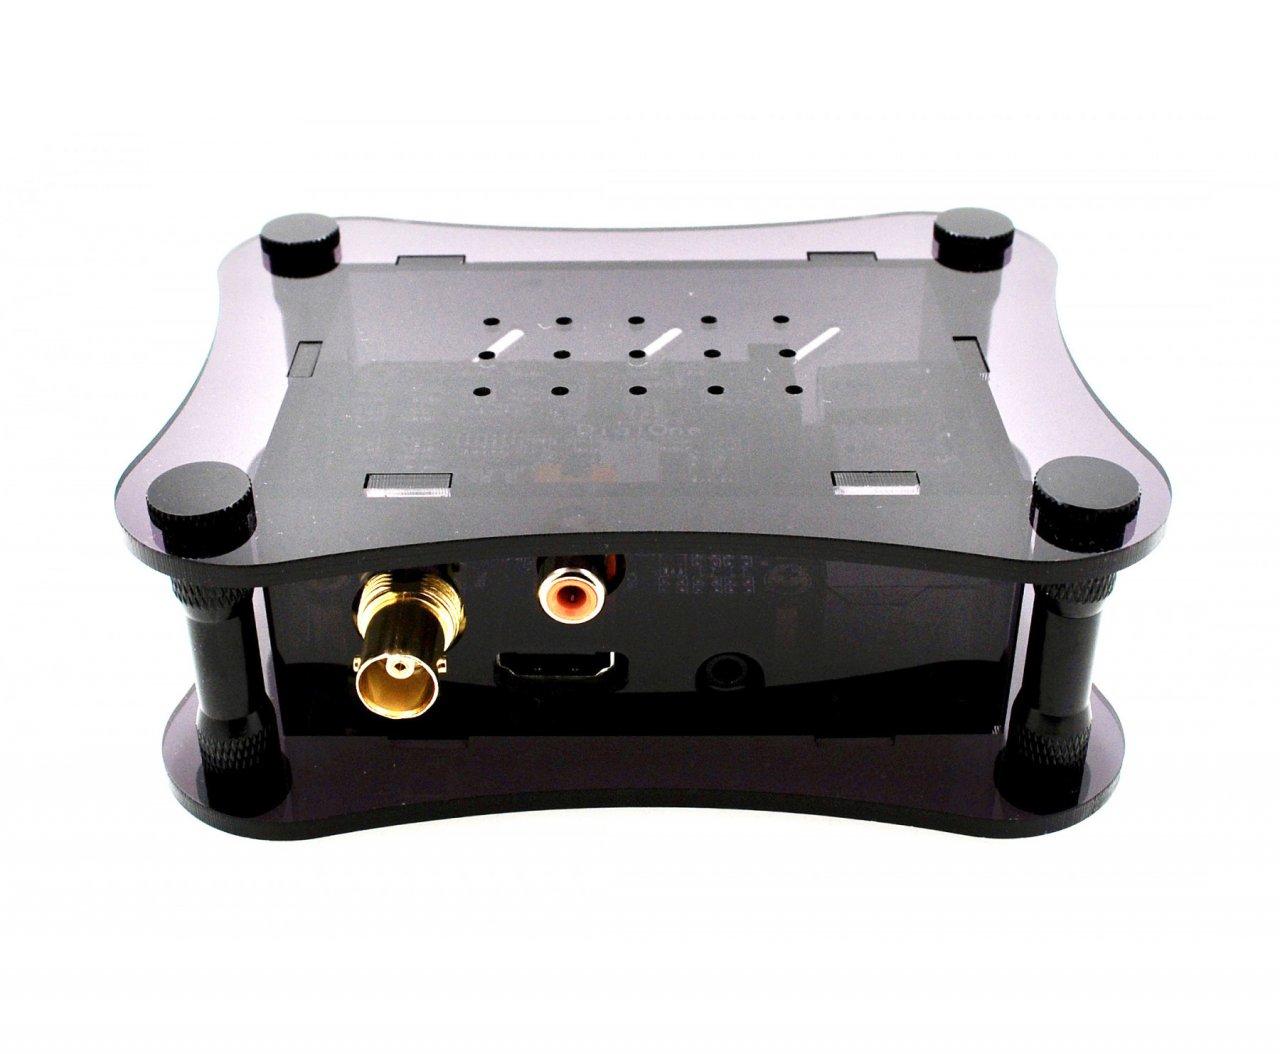 acrylic-case-for-rpi-digione.thumb.jpg.f5713bcee4b39881c89edd7d146e3900.jpg